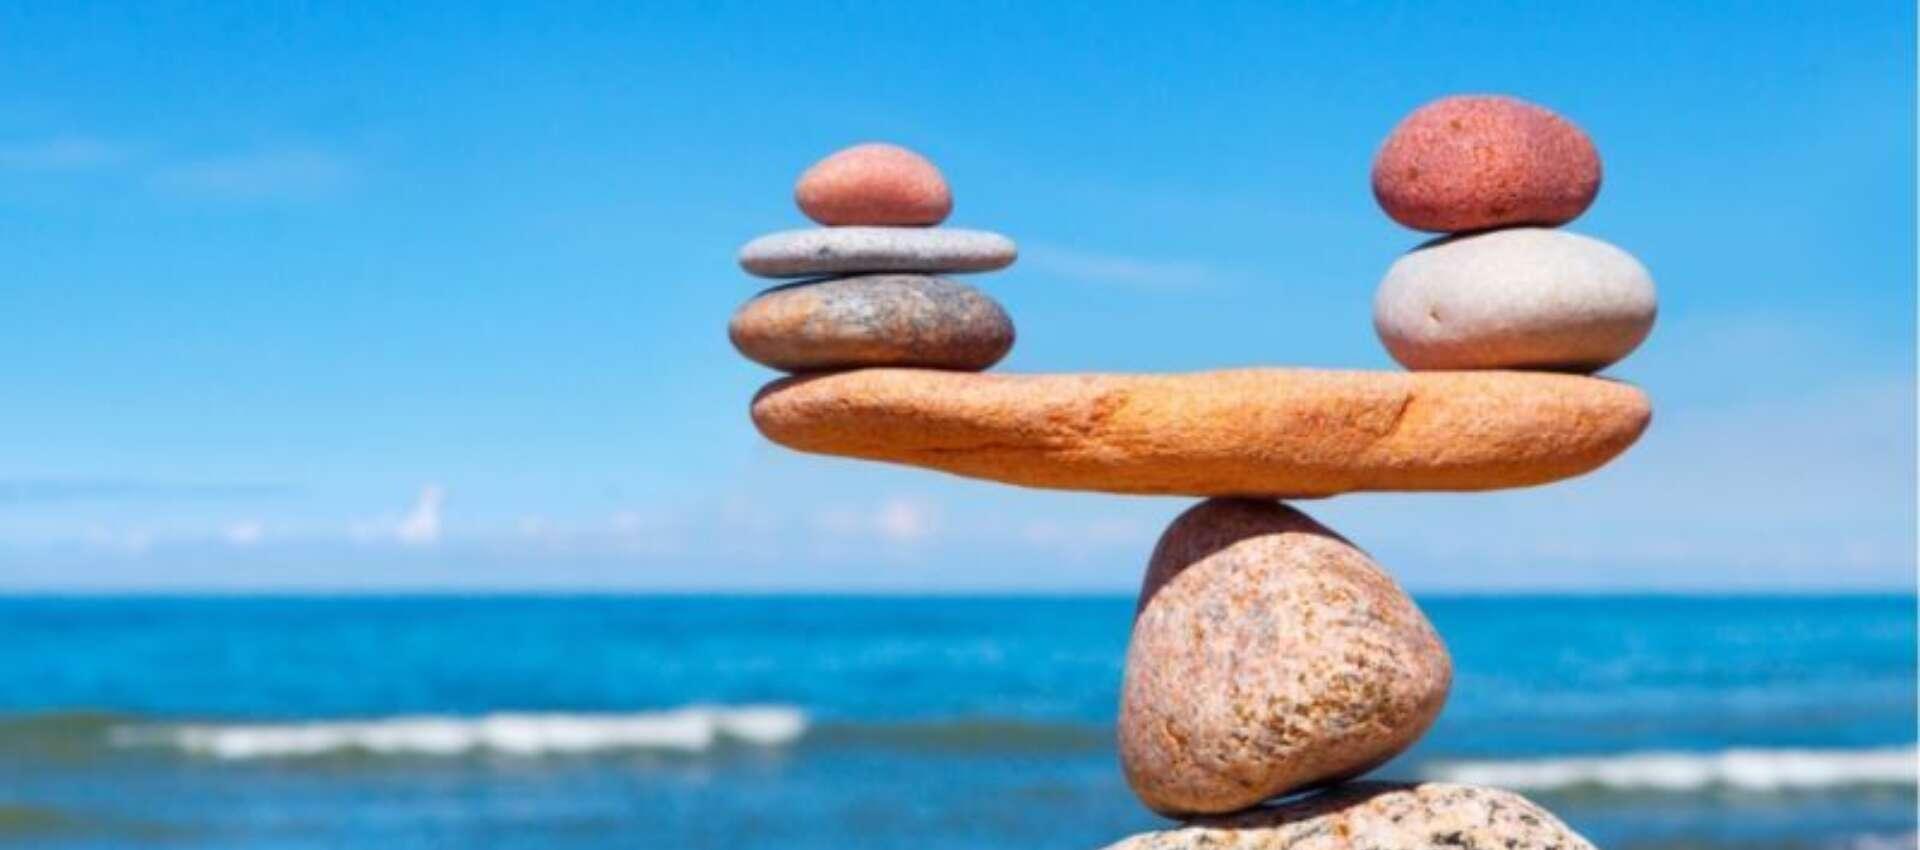 Maak je klaar voor de Wet Arbeid in Balans (WAB)!